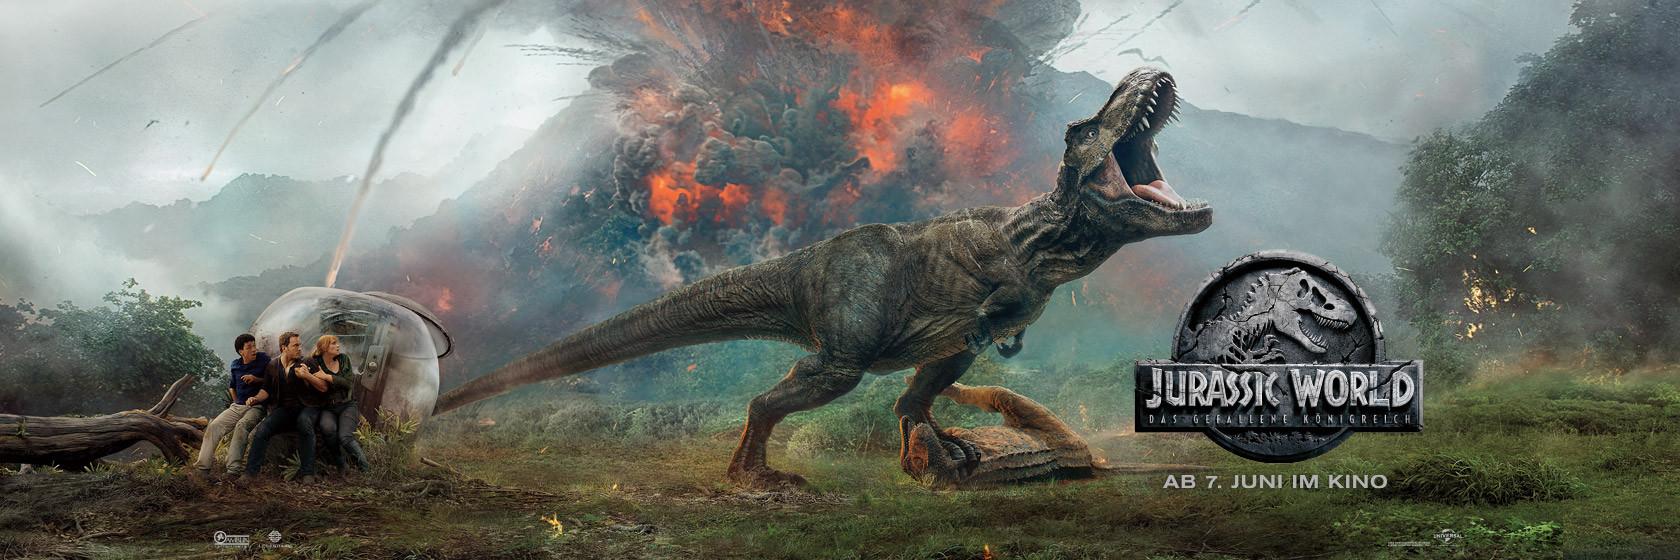 Jurassic Park Ausmalbilder Einzigartig Jurassic World Das Gefallene K–nigreich 3d Imax Trailer Jetzt Stock